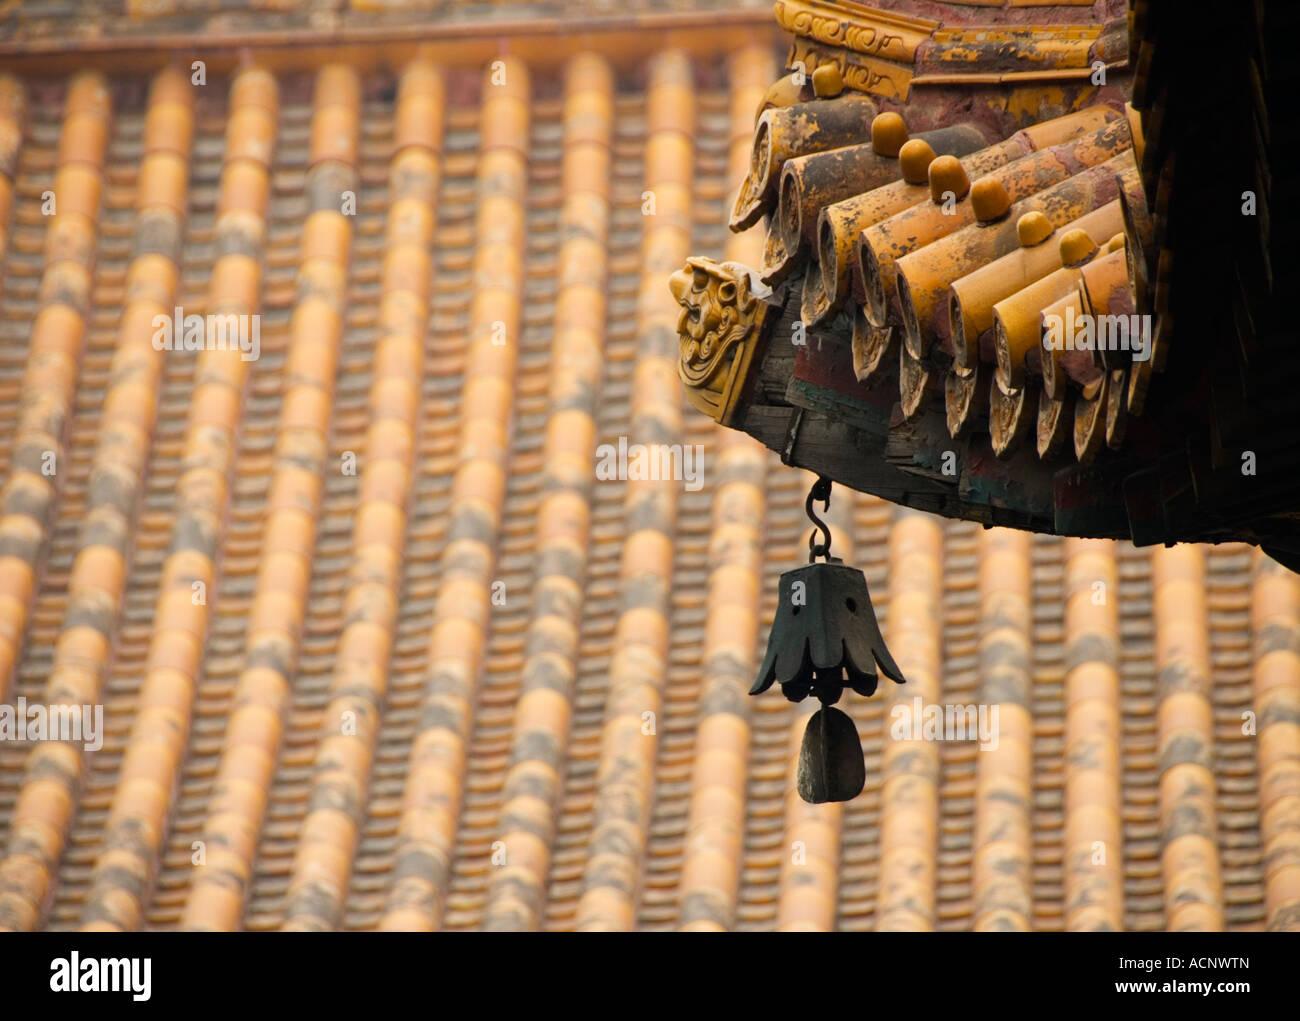 Bell e telhado detalhe no Templo de Lama Yonghegong em Pequim 2007 Imagens de Stock